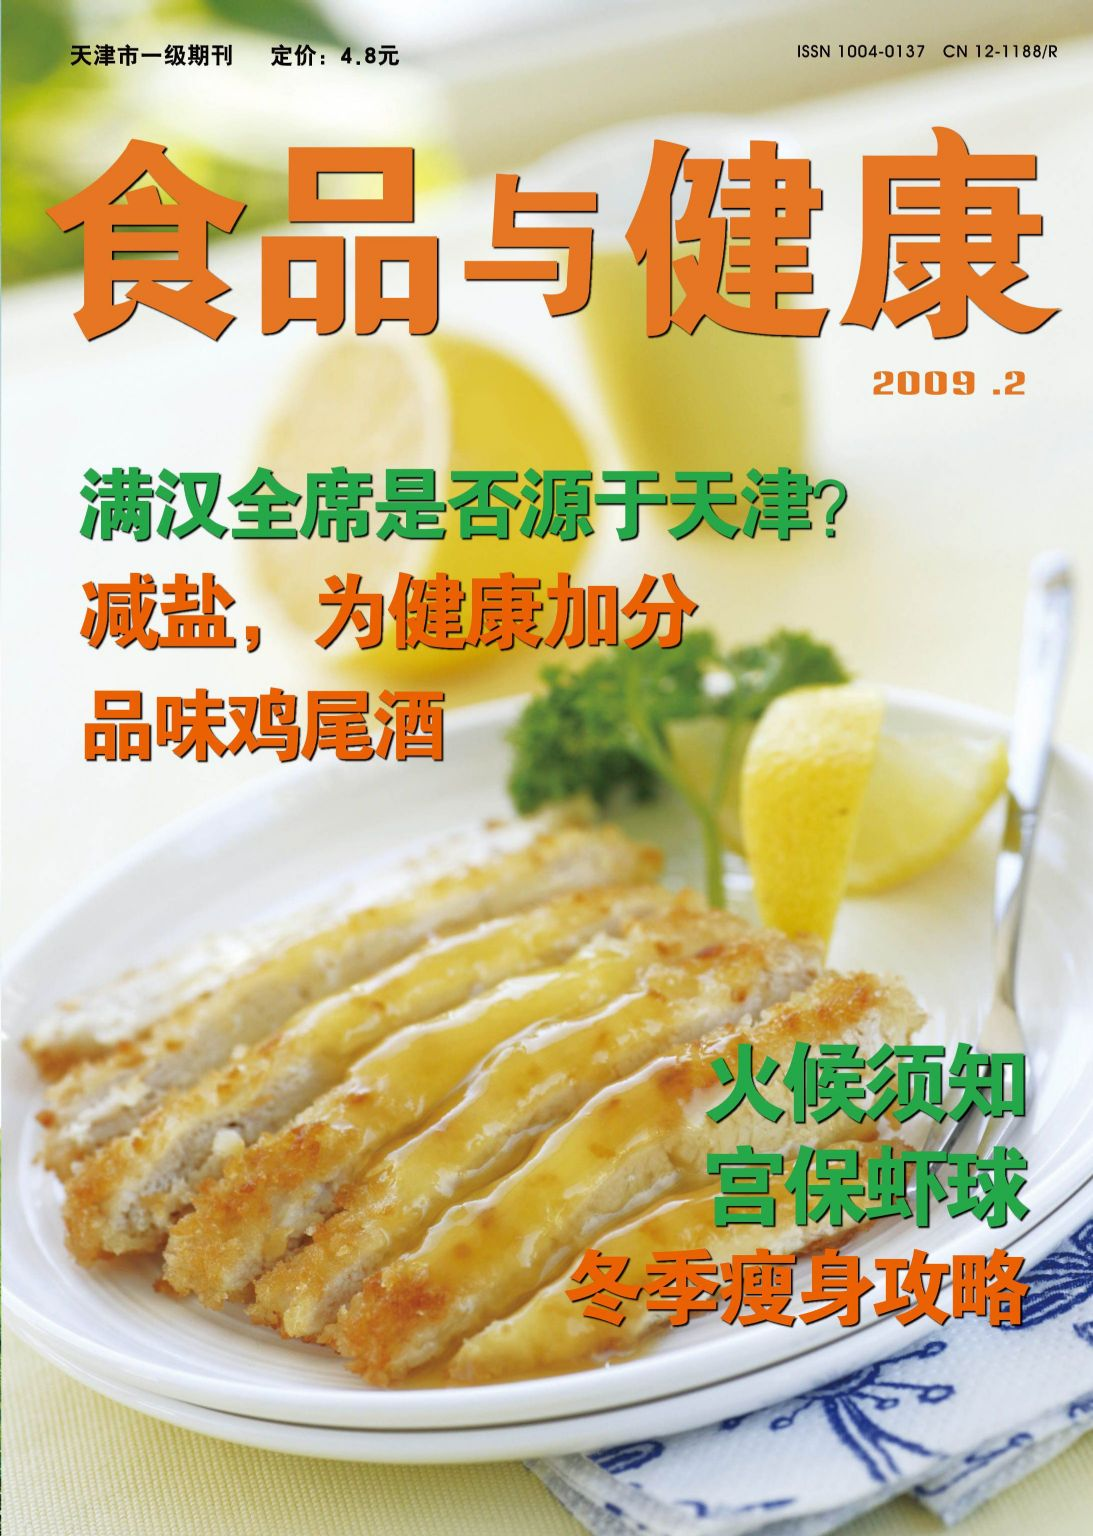 食品与健康2009年2月刊